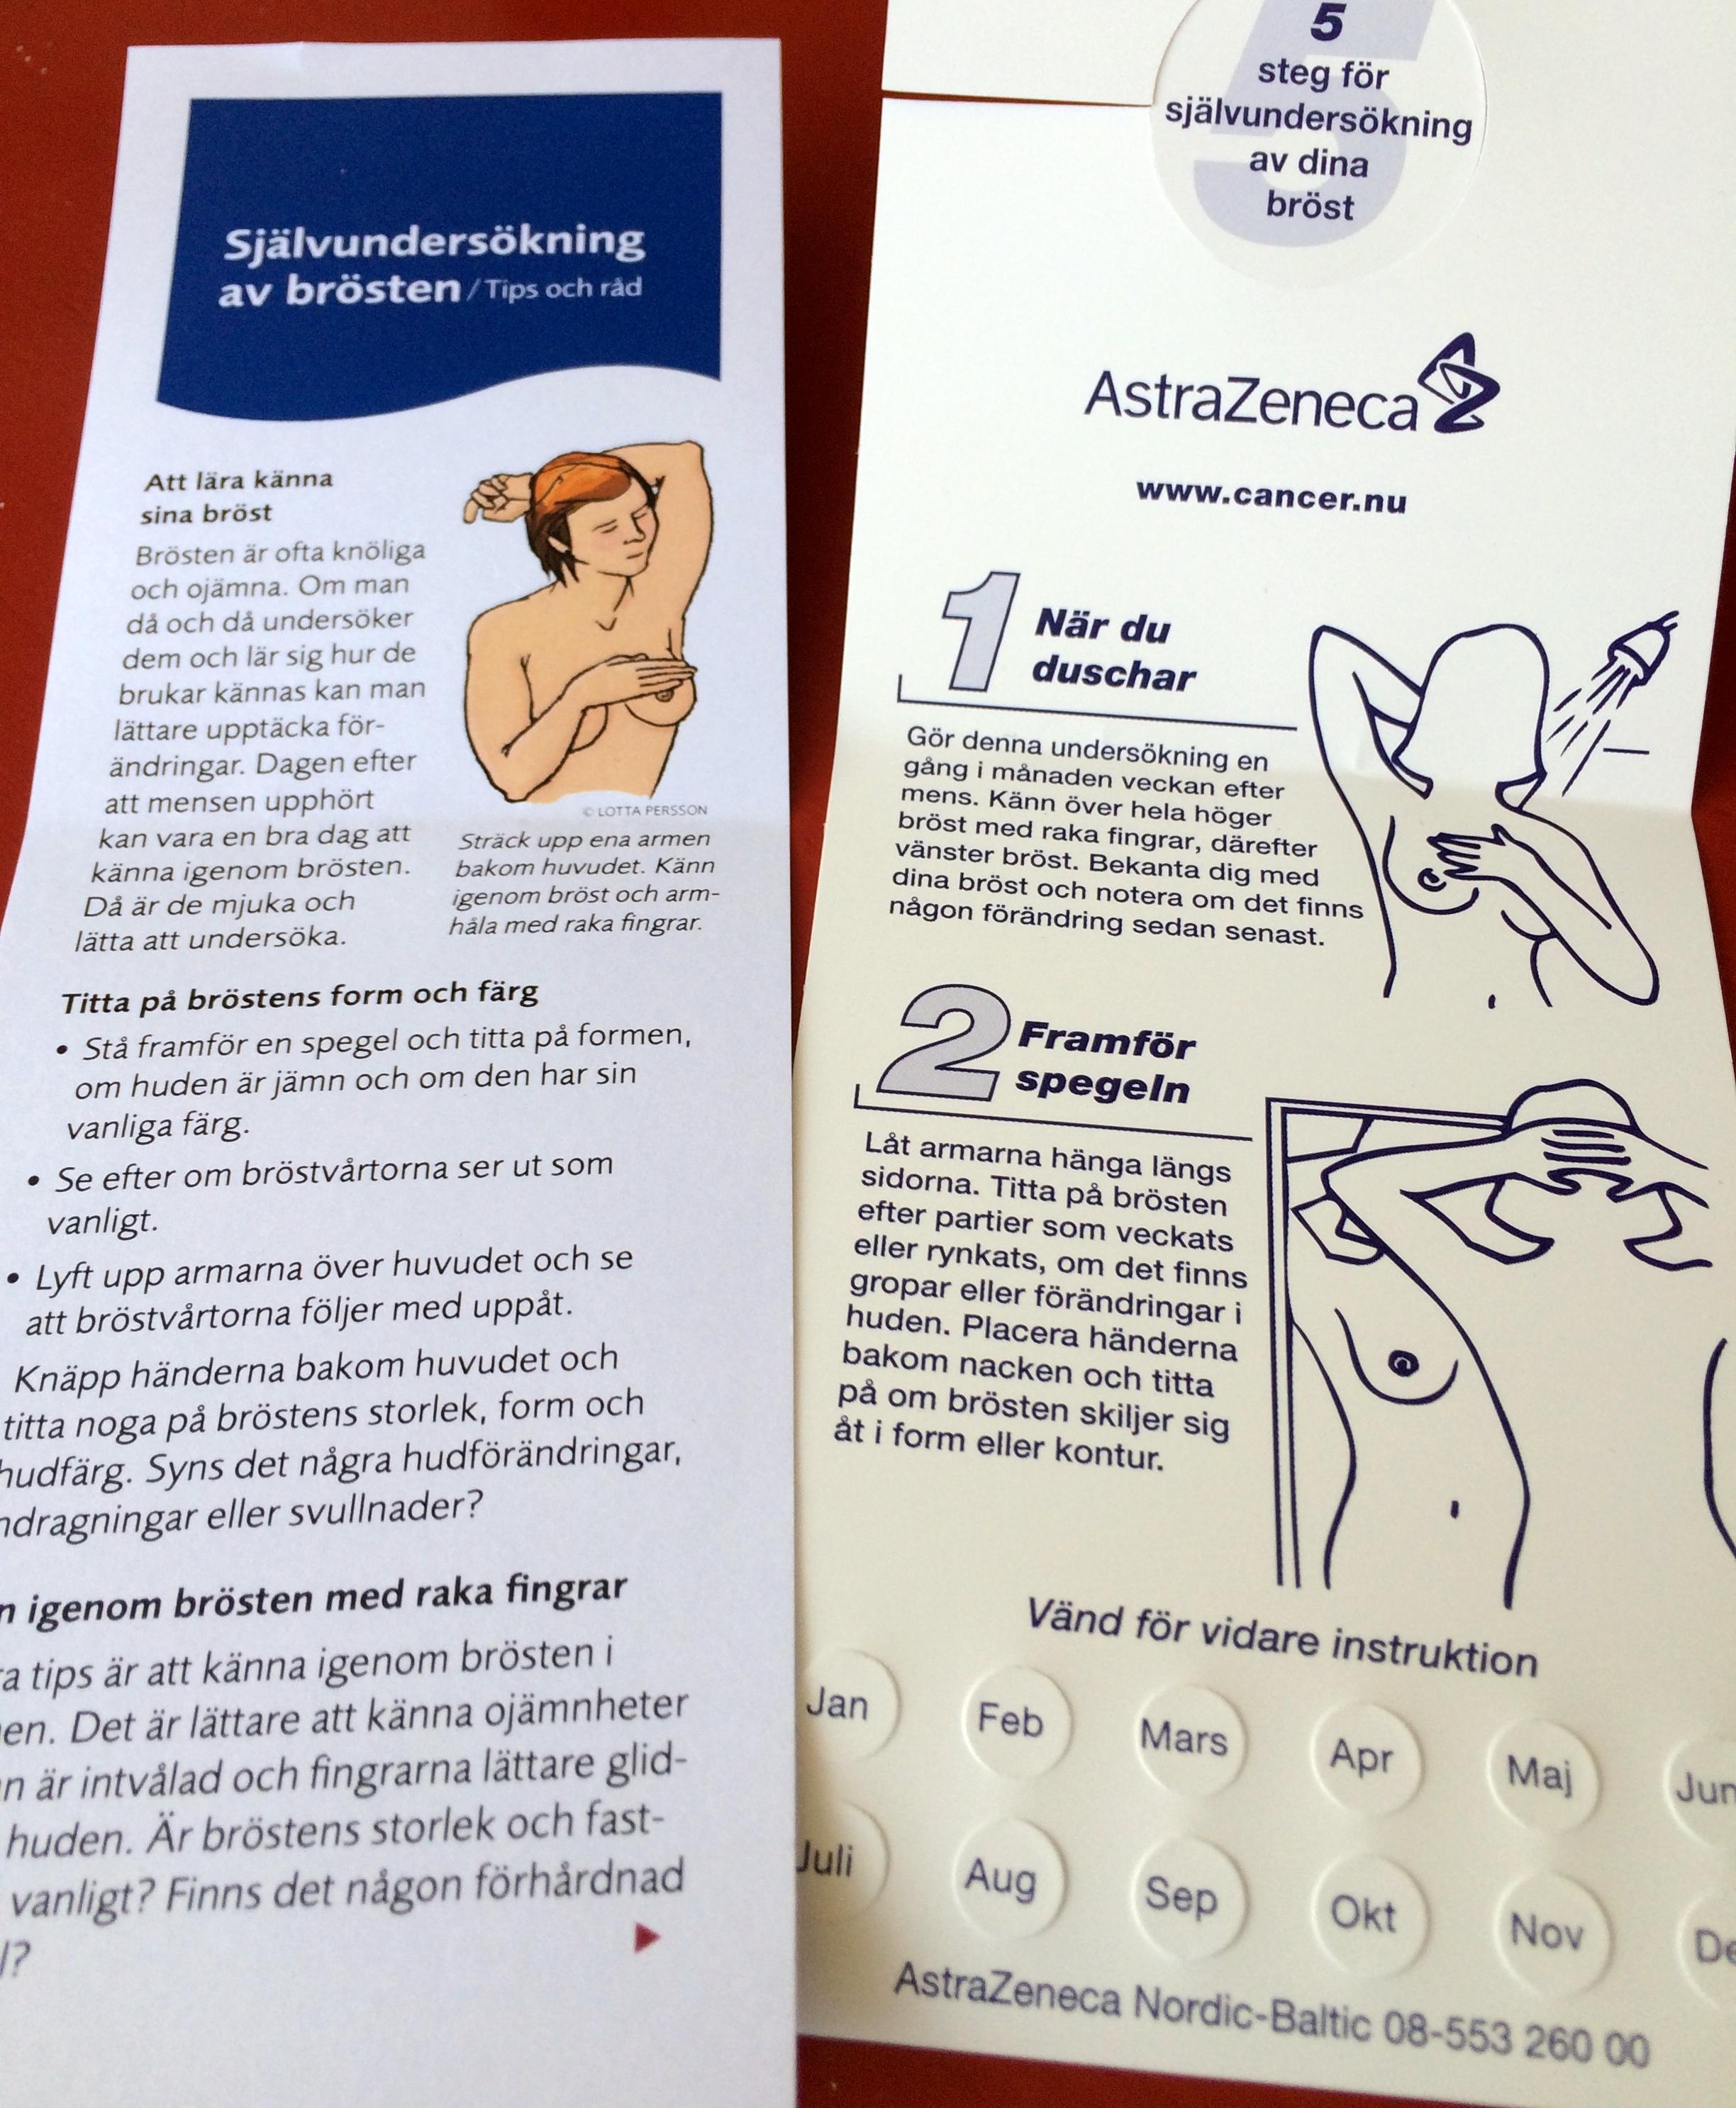 Varfor brakar man om mammografin